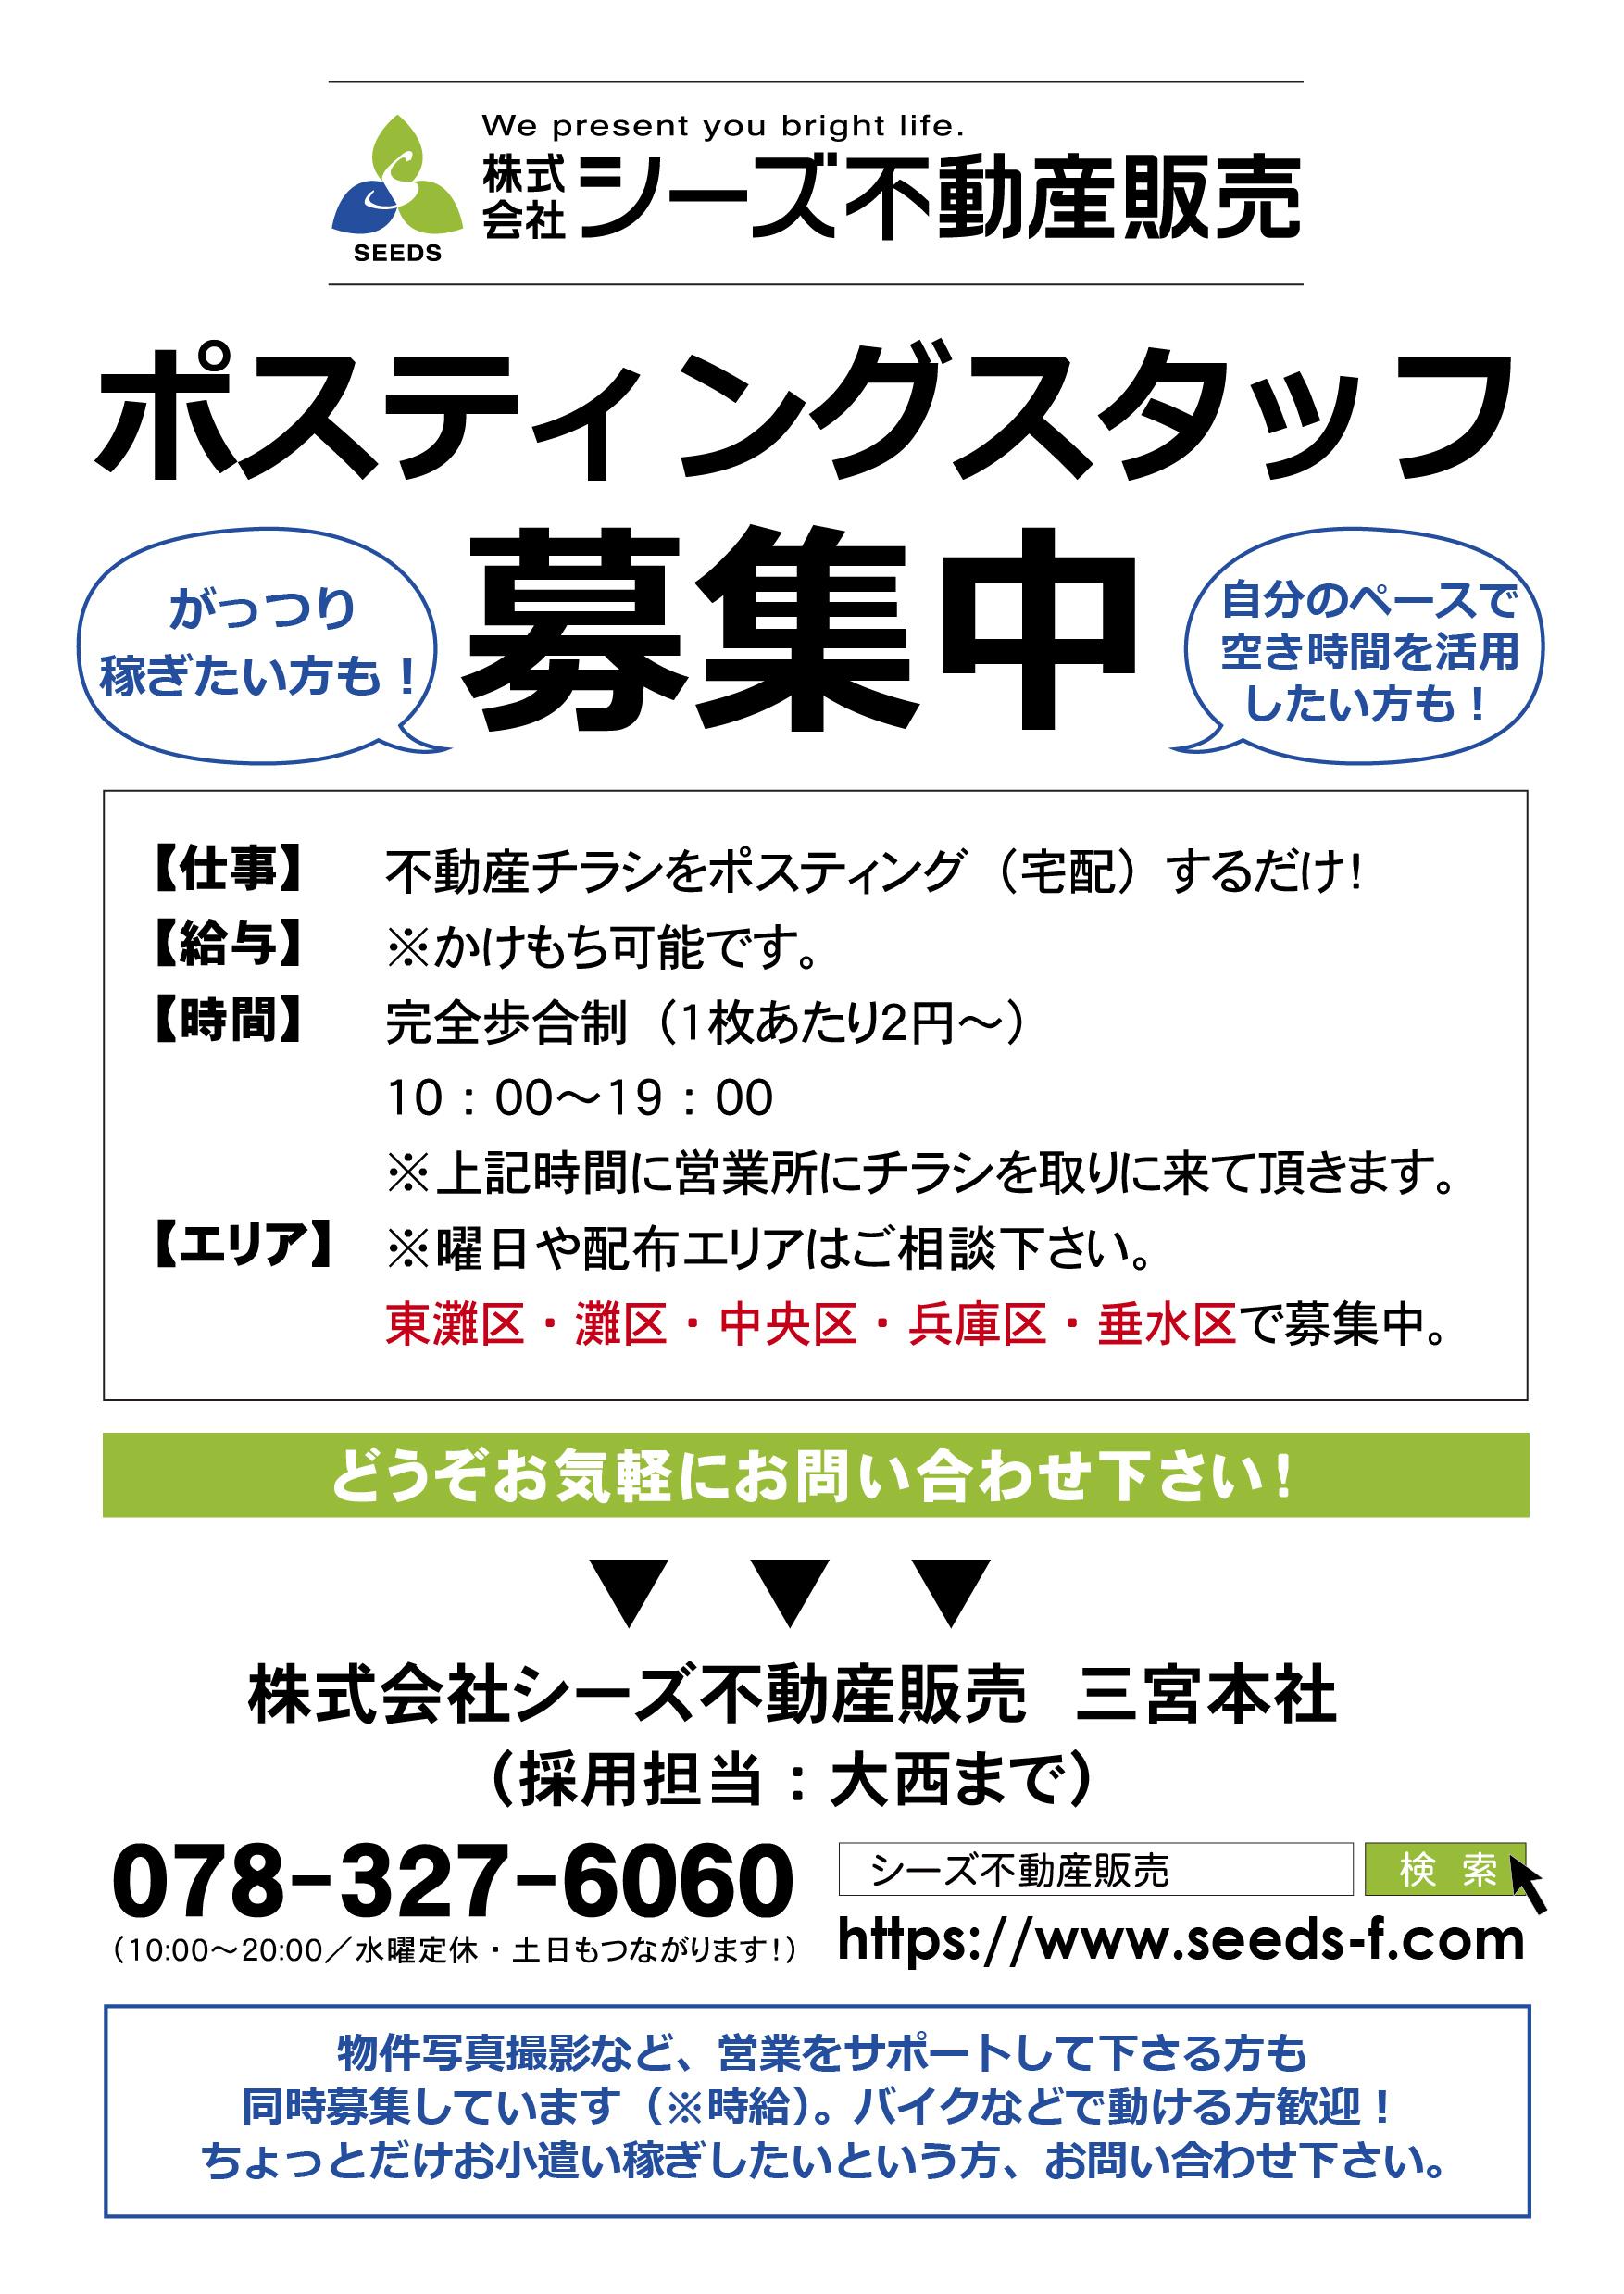 シーズ不動産販売採用(宅配スタッフ募集)28.07